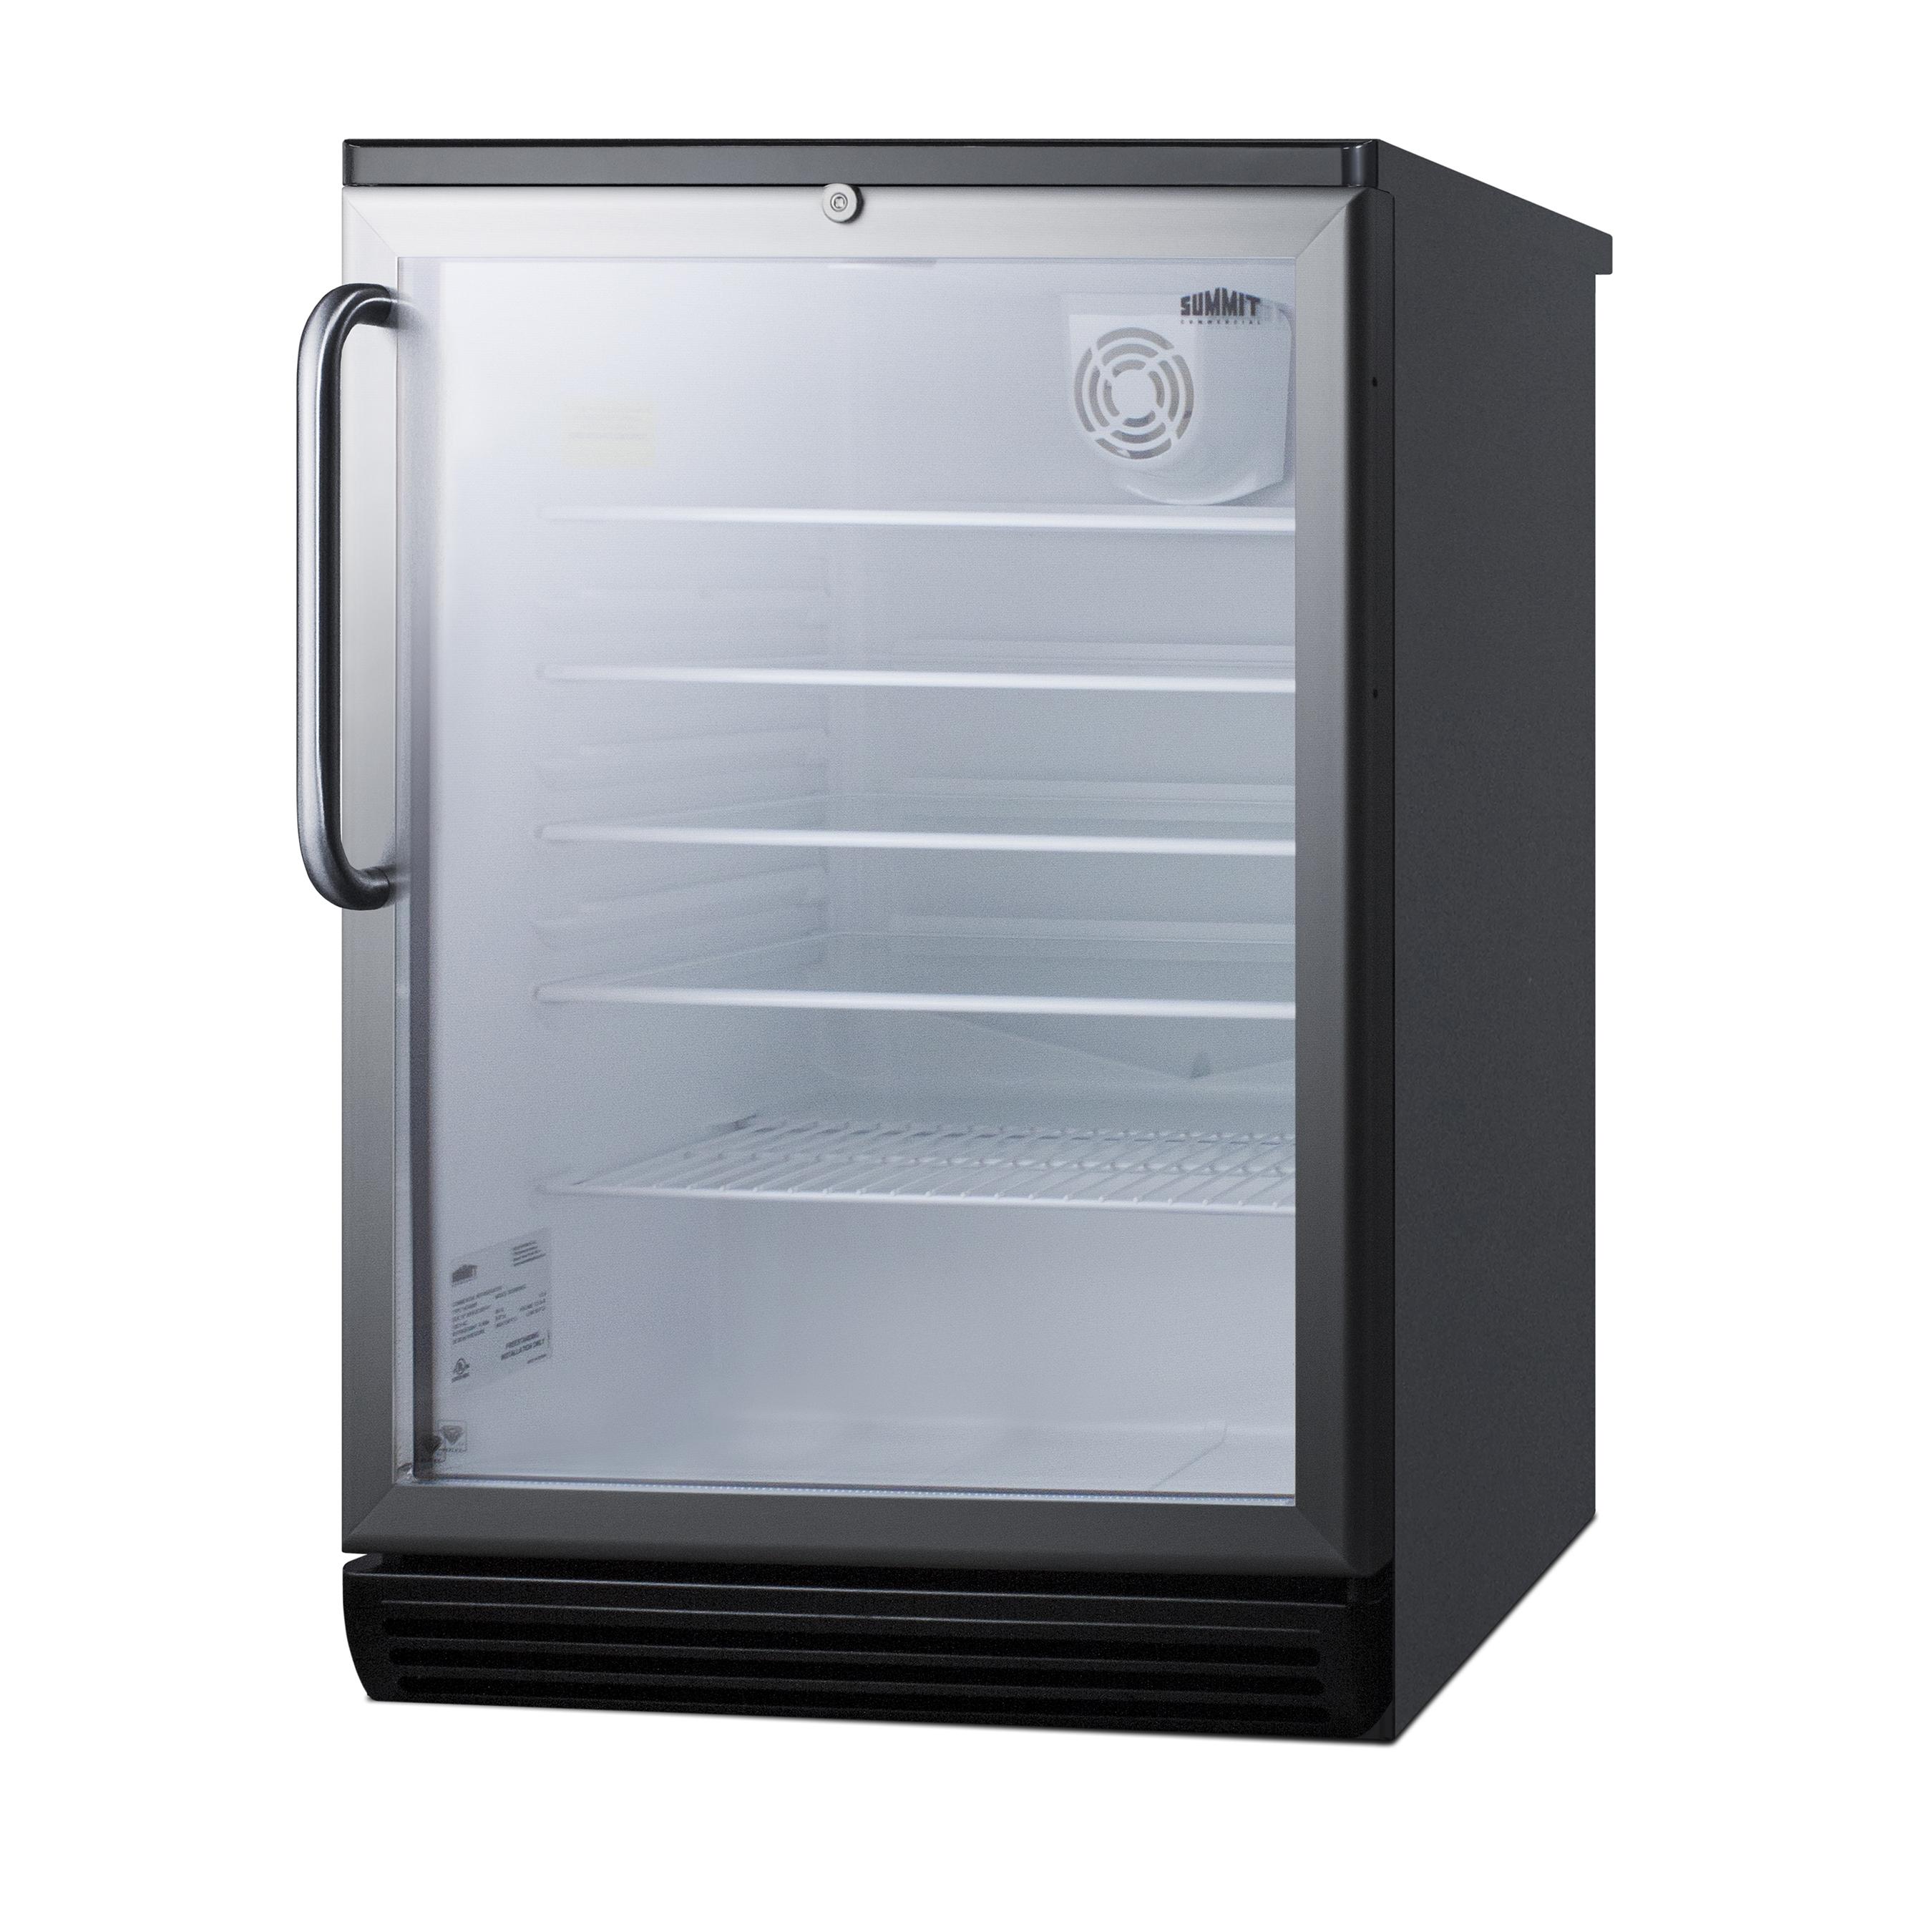 Summit Appliance SCR600BGLTB refrigerator, merchandiser, countertop